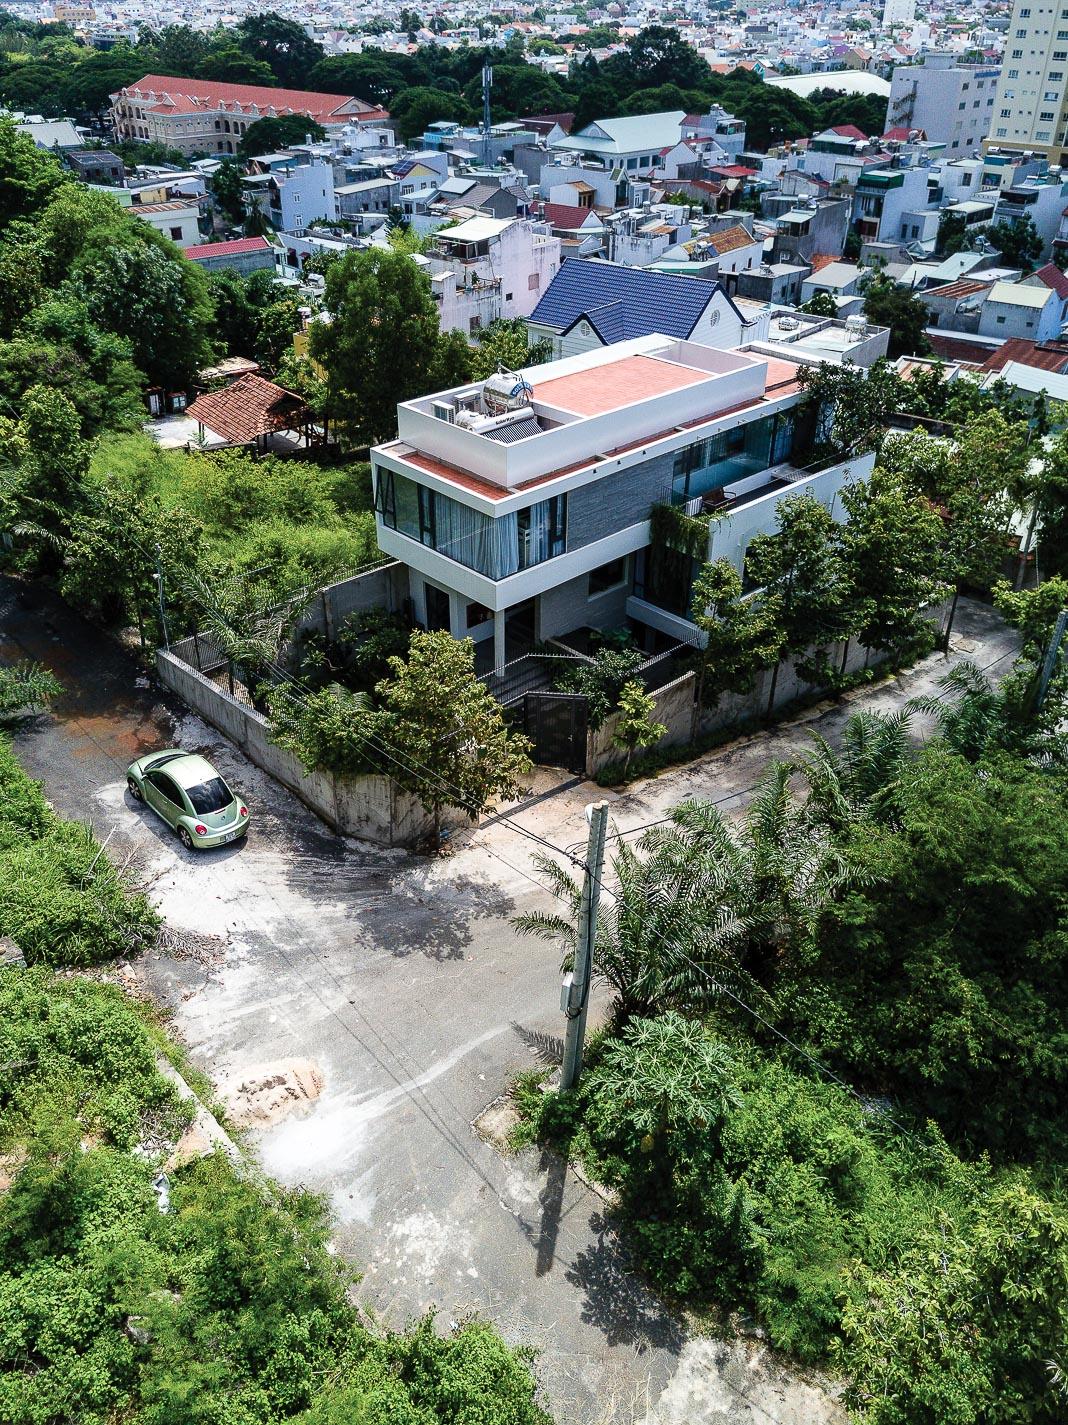 Tổng thể công trình và khuôn viên, góc nhìn từ trên cao xuống